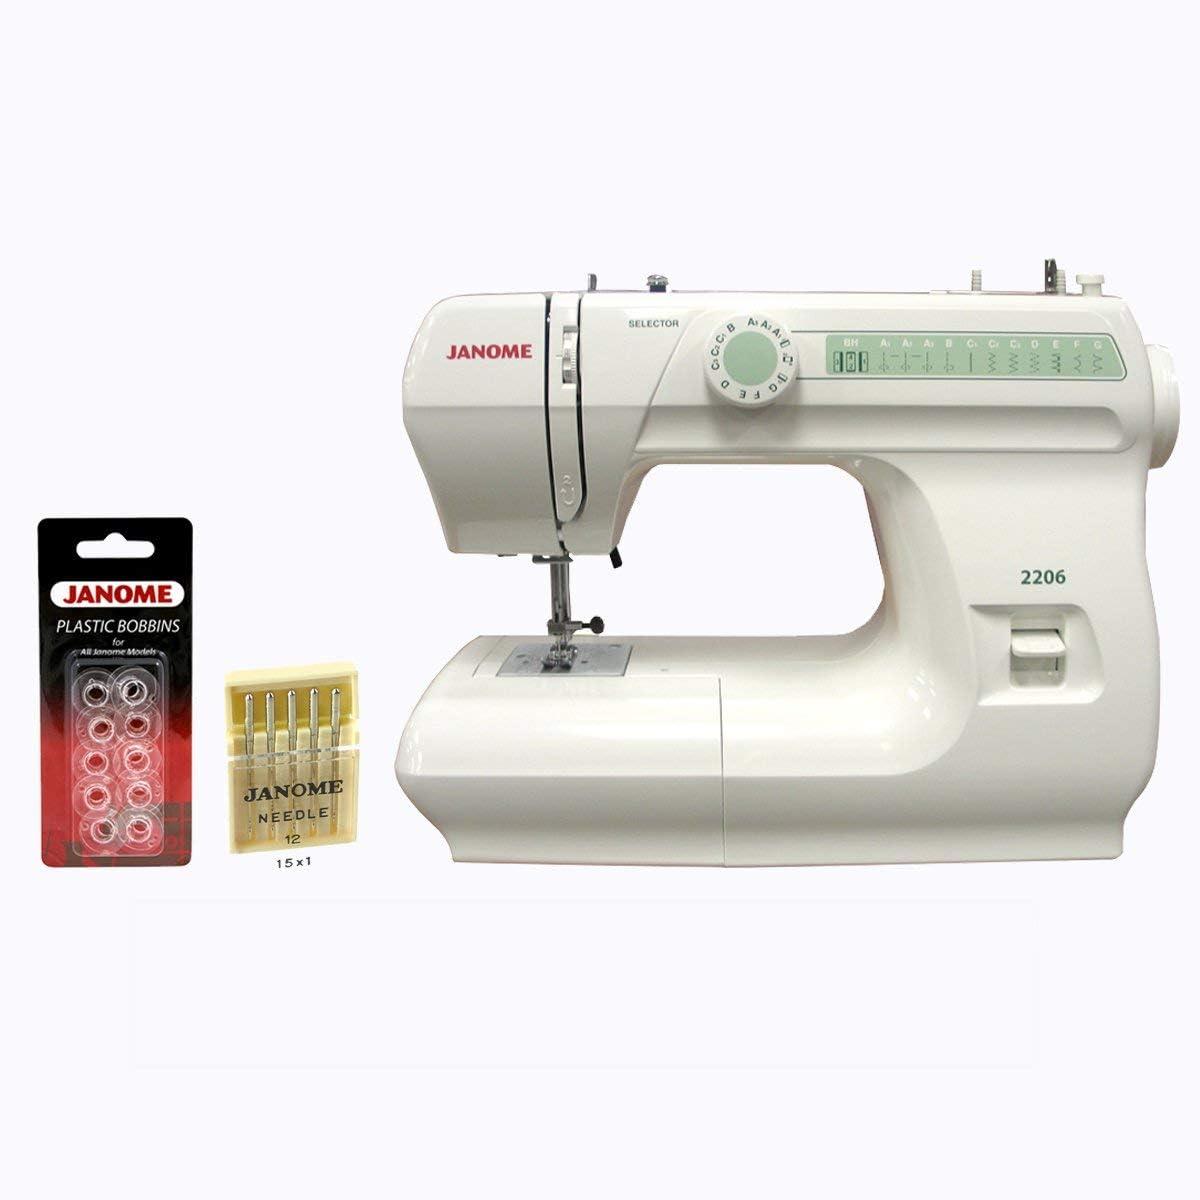 Janome 2206 máquina de coser de 6 puntadas de 860 spm, tamaño ...